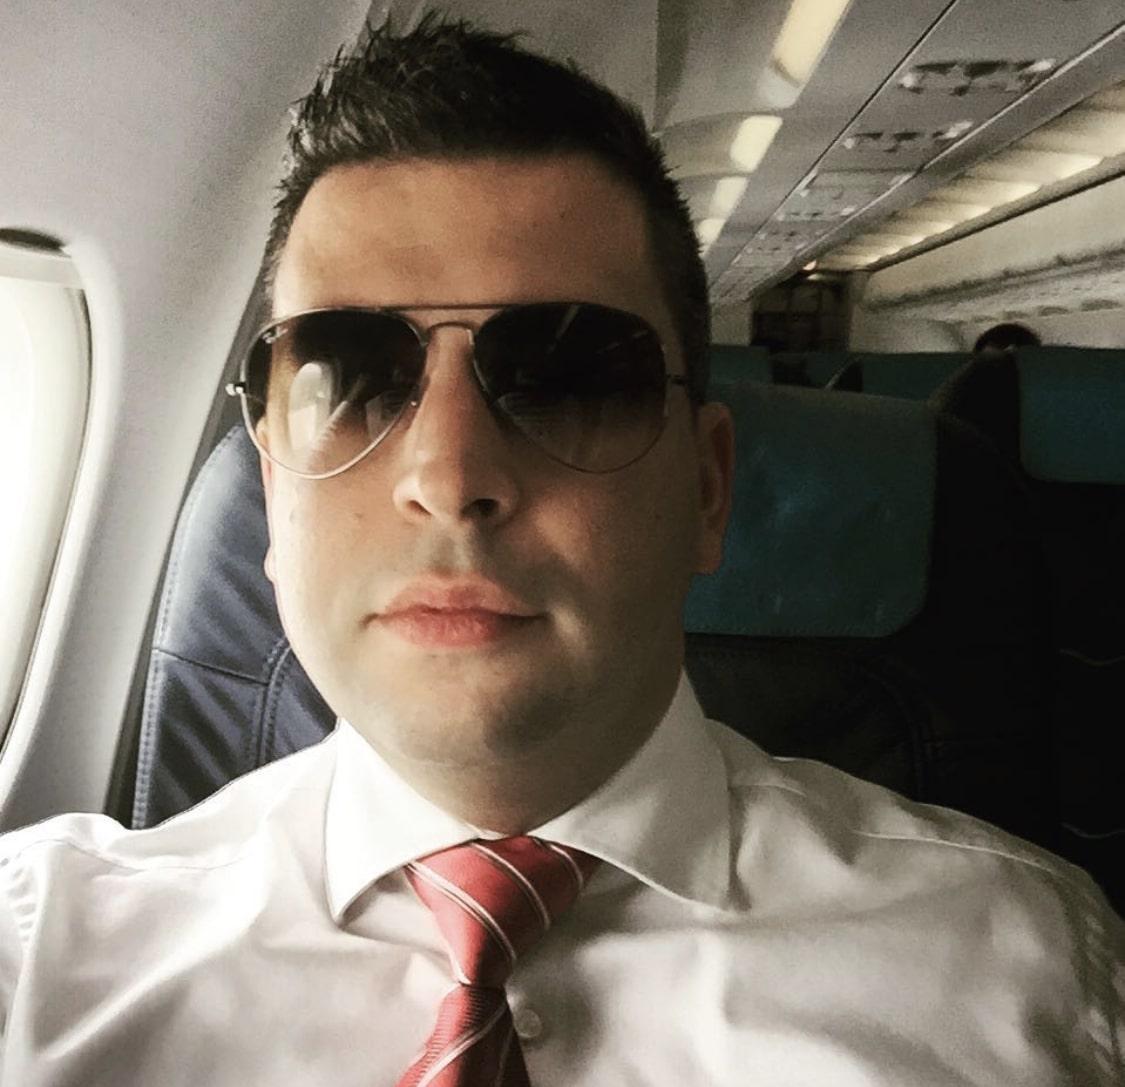 Danijel Laginja